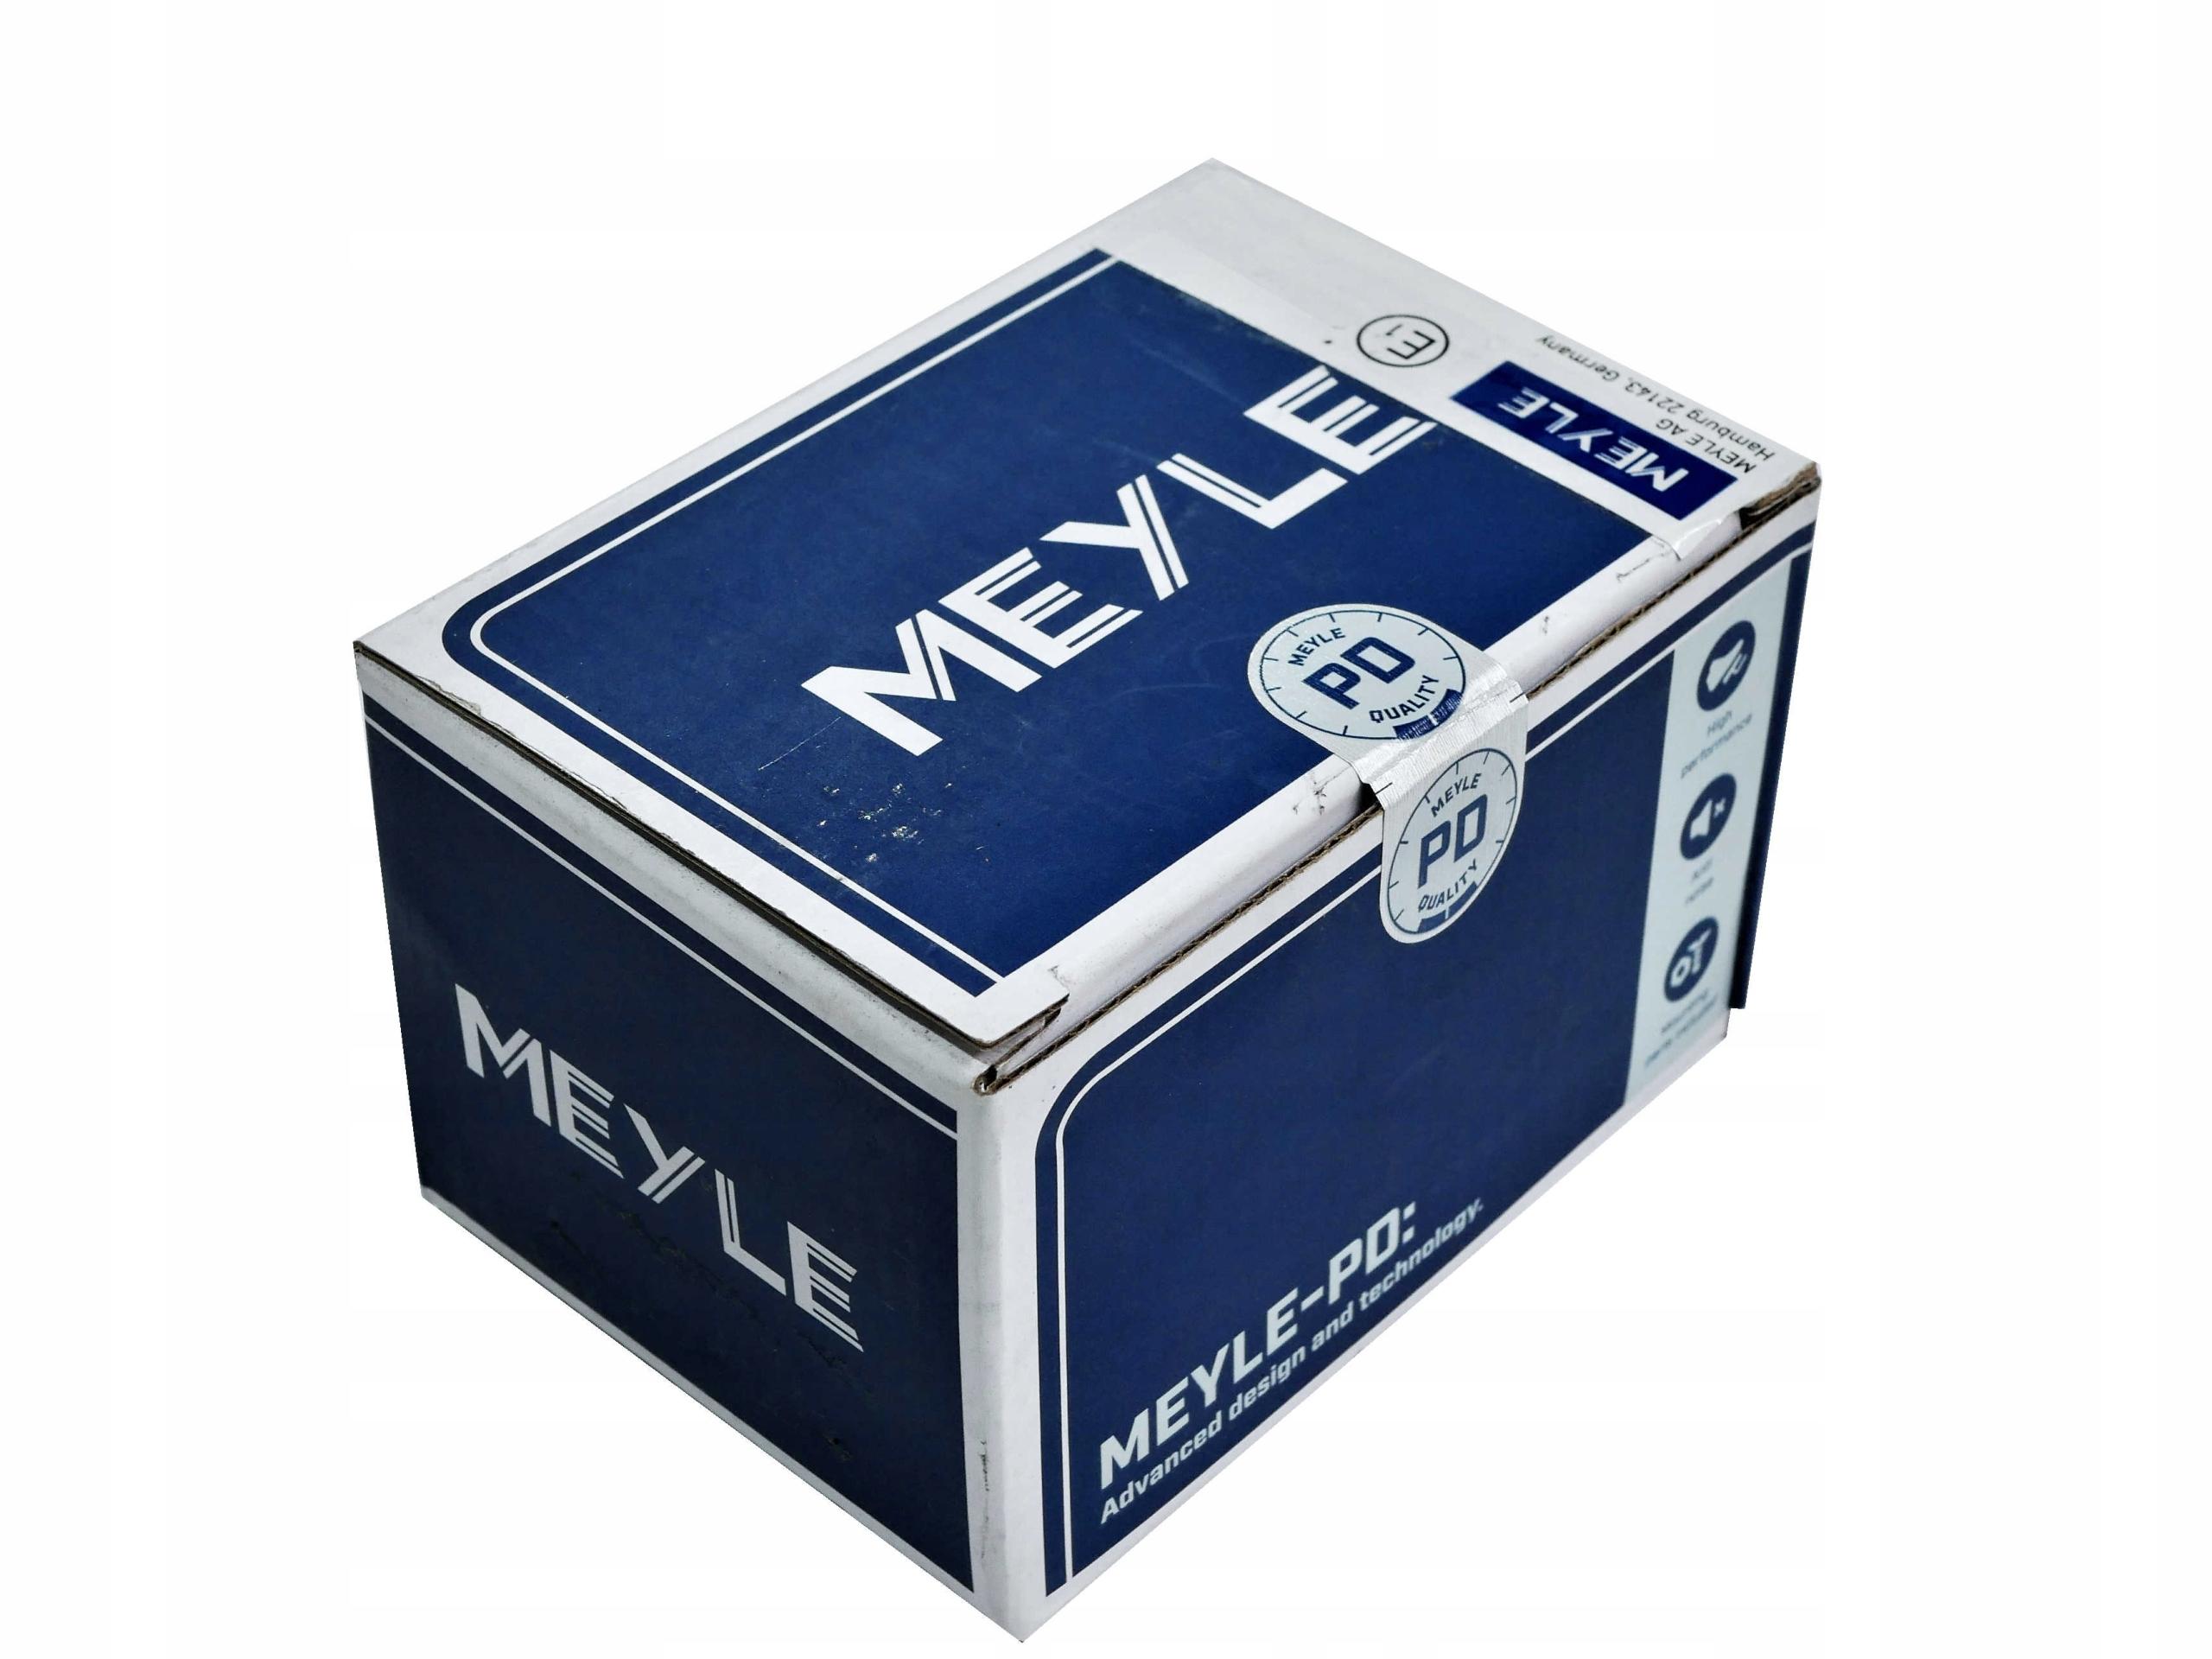 комплект к обмен масла w автоматической коробки би